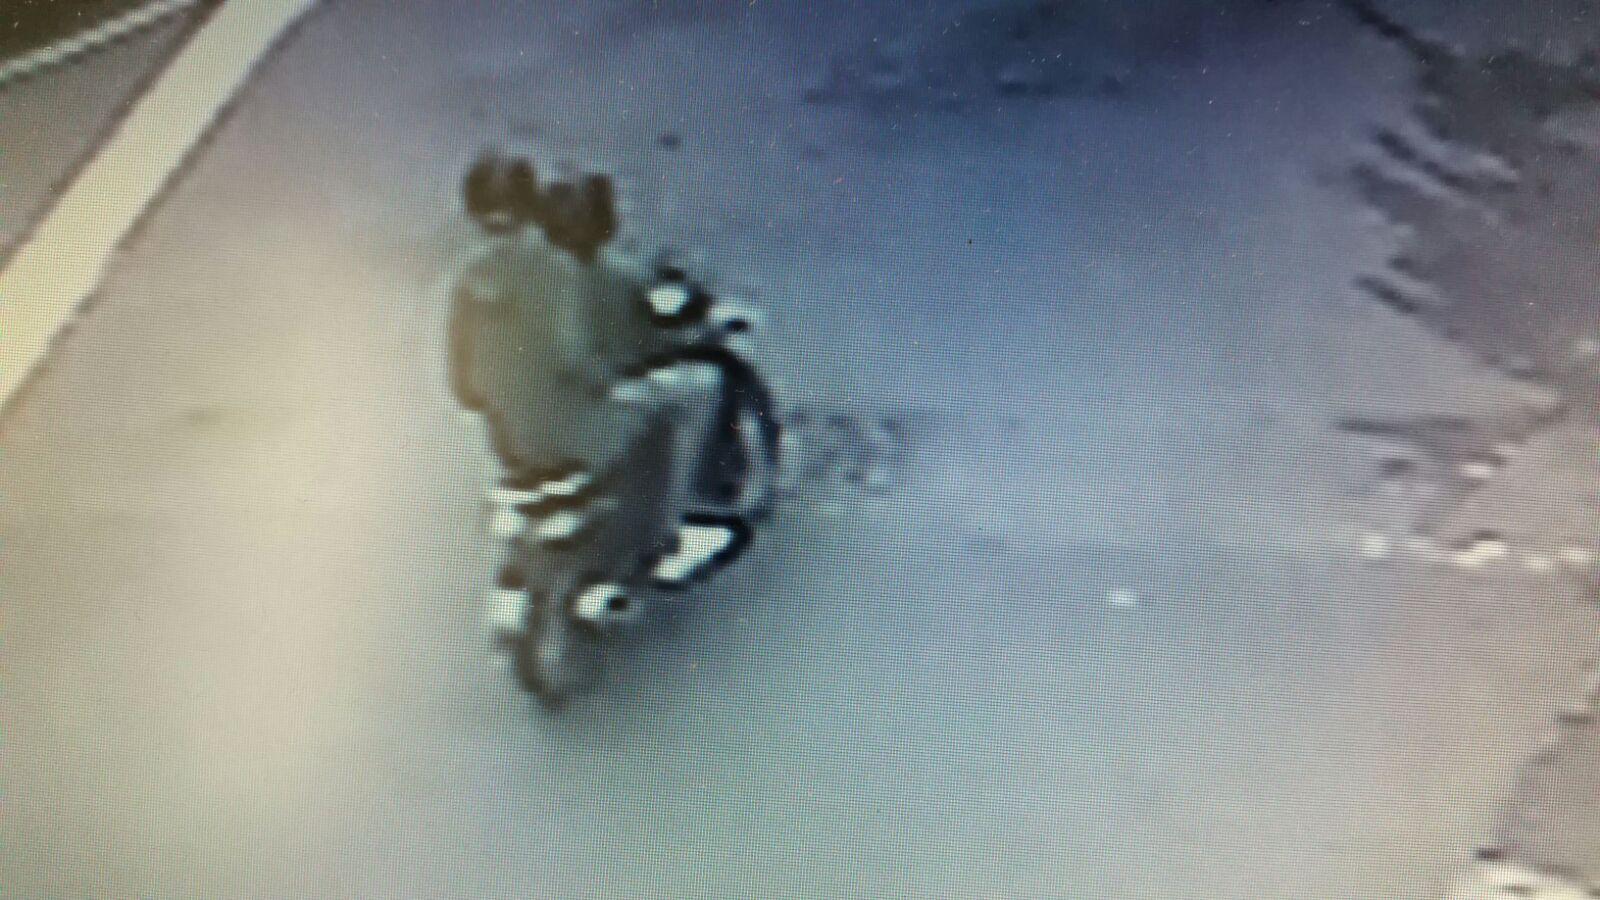 Sparatoria a Lamezia, telecamere inquadrano autori  Intimidazione compiuta da due giovani su uno scooter